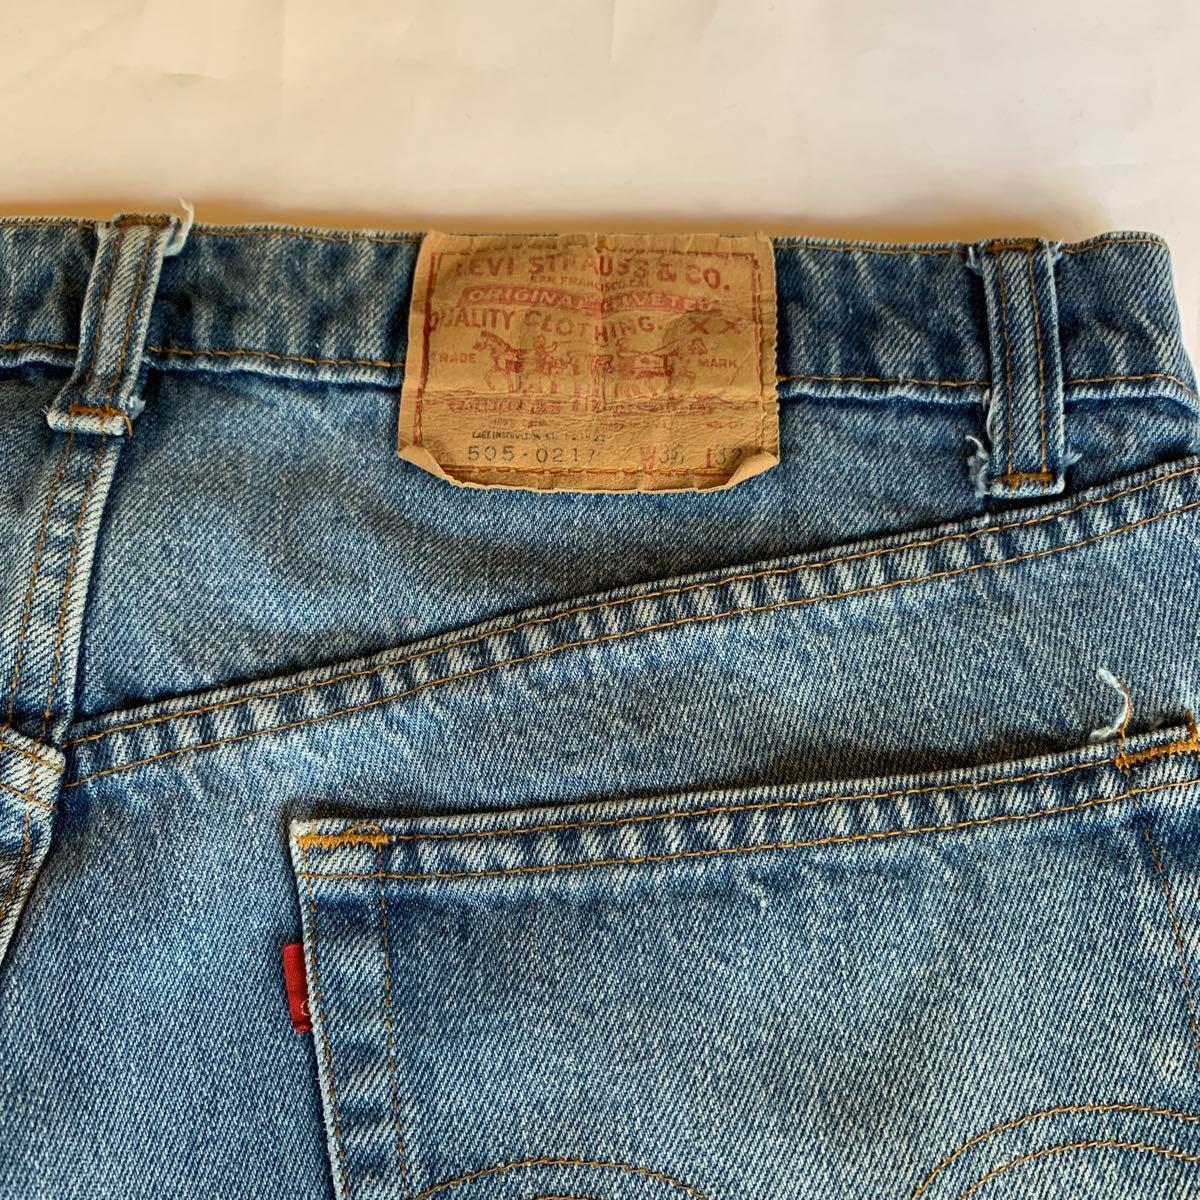 80s Levi's 505 DENIM PANTS MADE IN USA ヴィンテージ ビンテージ リーバイス 505-0217 デニムパンツ アメリカ製 チェーンステッチ 70s_画像3